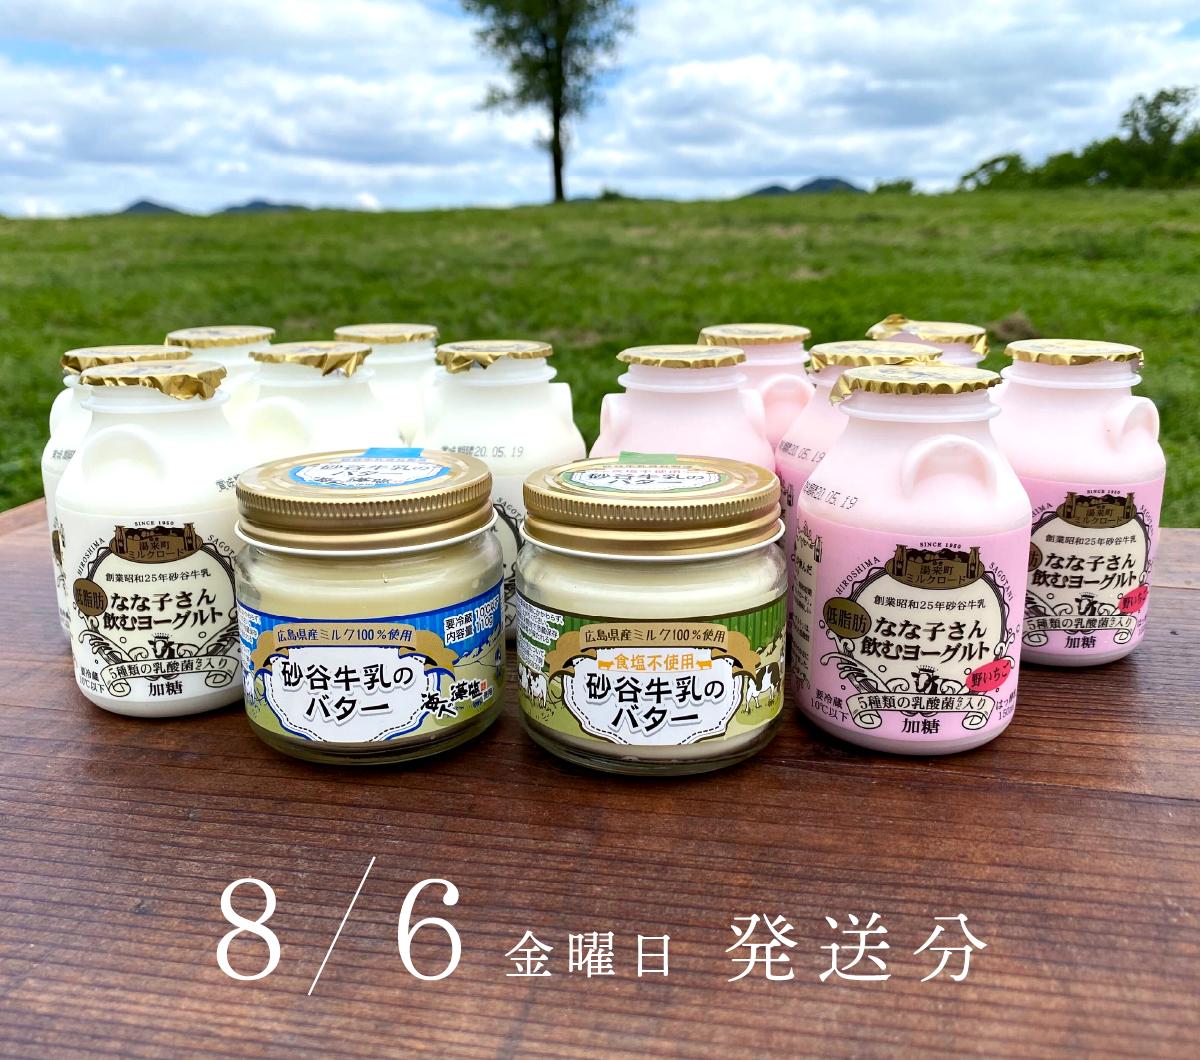 バター&飲むヨーグルトセット 8月6日(金)発送分